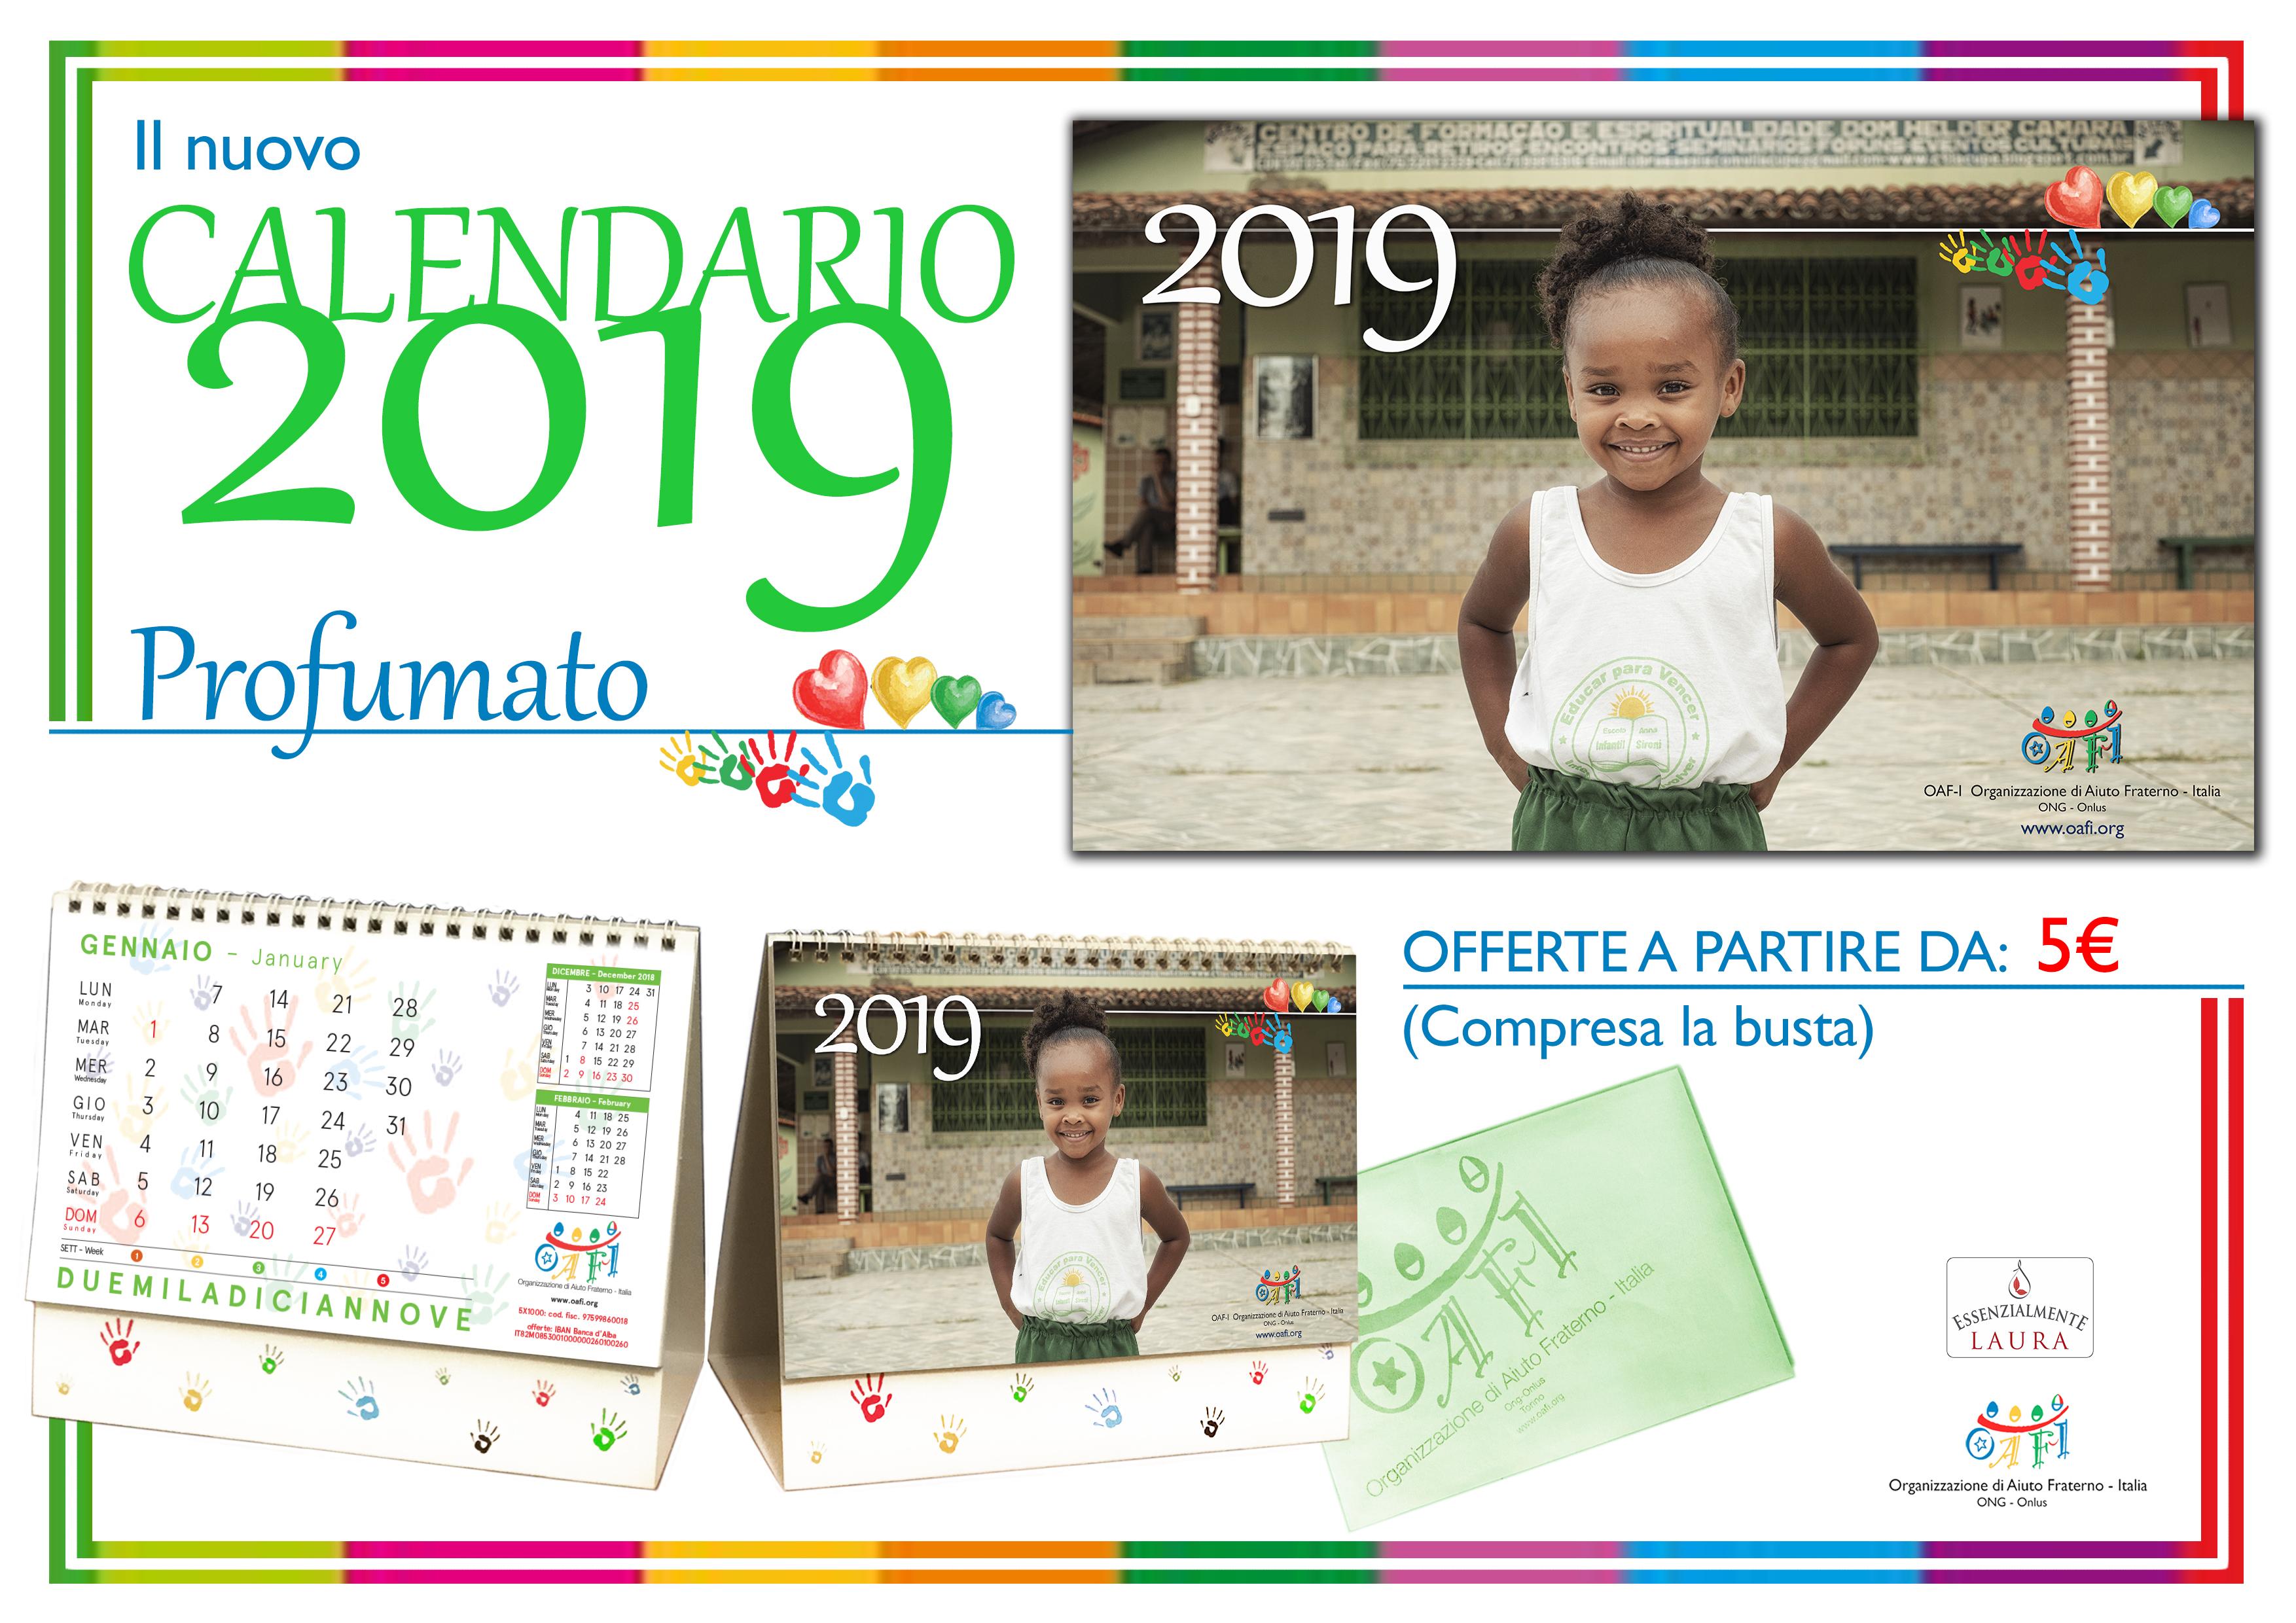 Calendario Laura.Calendario Profumato Oaf I